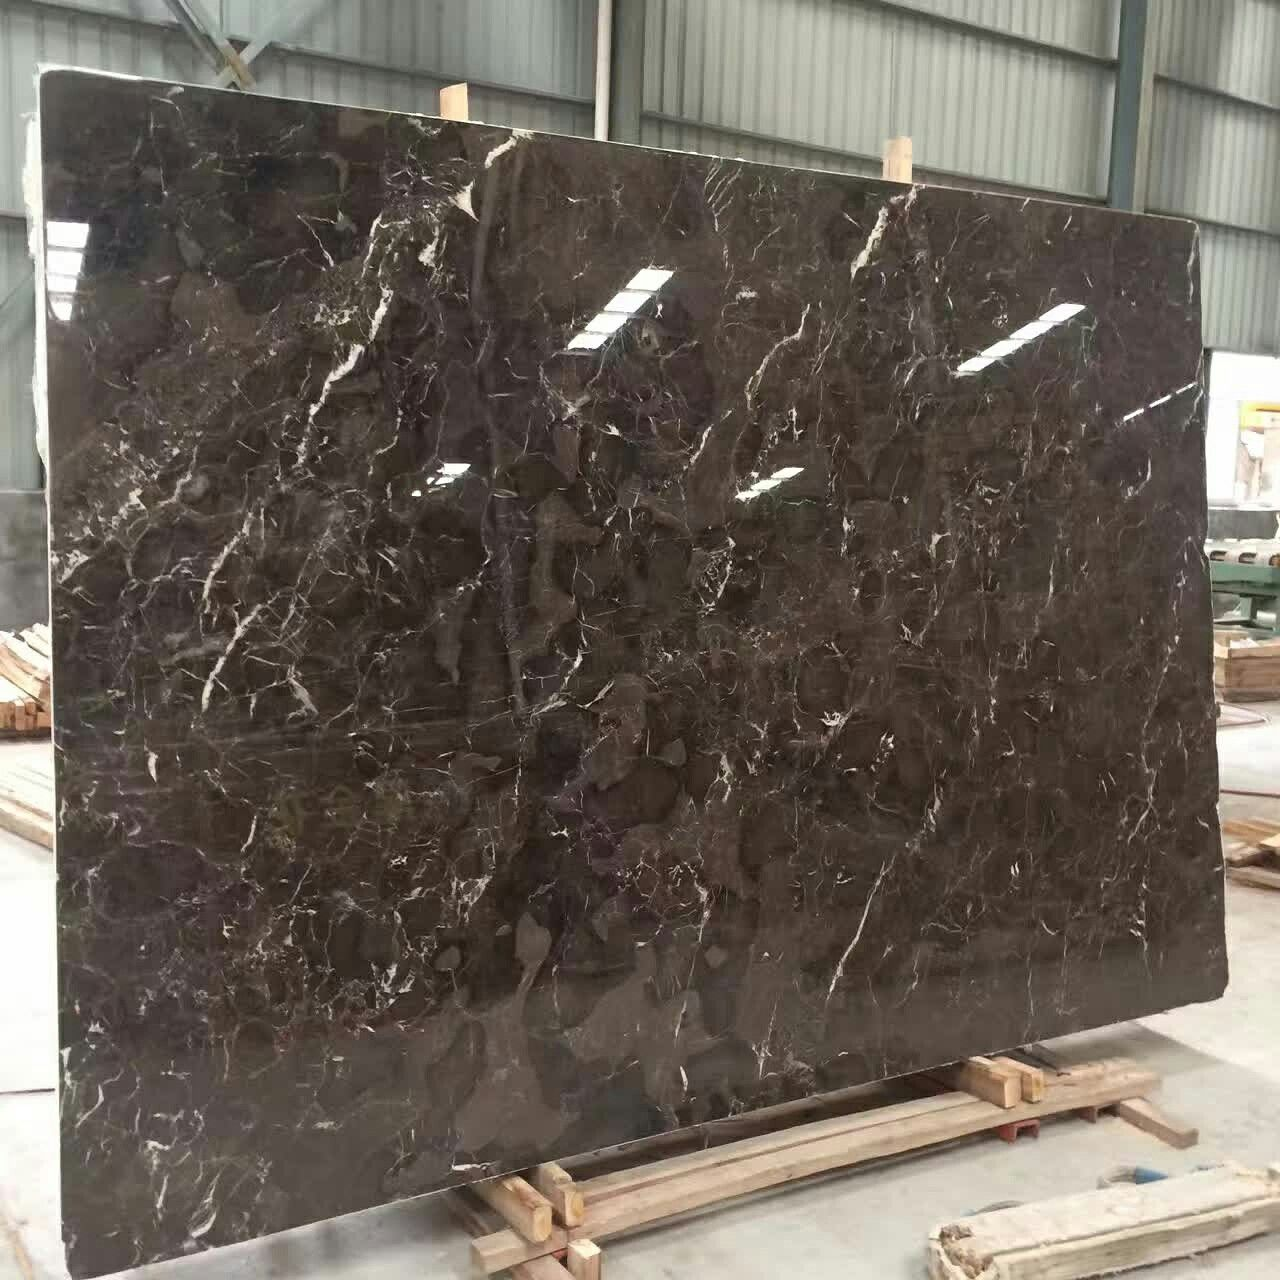 Irish Brown Marmo Cava da Cina 2cm e 3cm lastra Lucidato Piastrella per rivestimento e pavimento  Richiesto ora inquiry@morestone.net